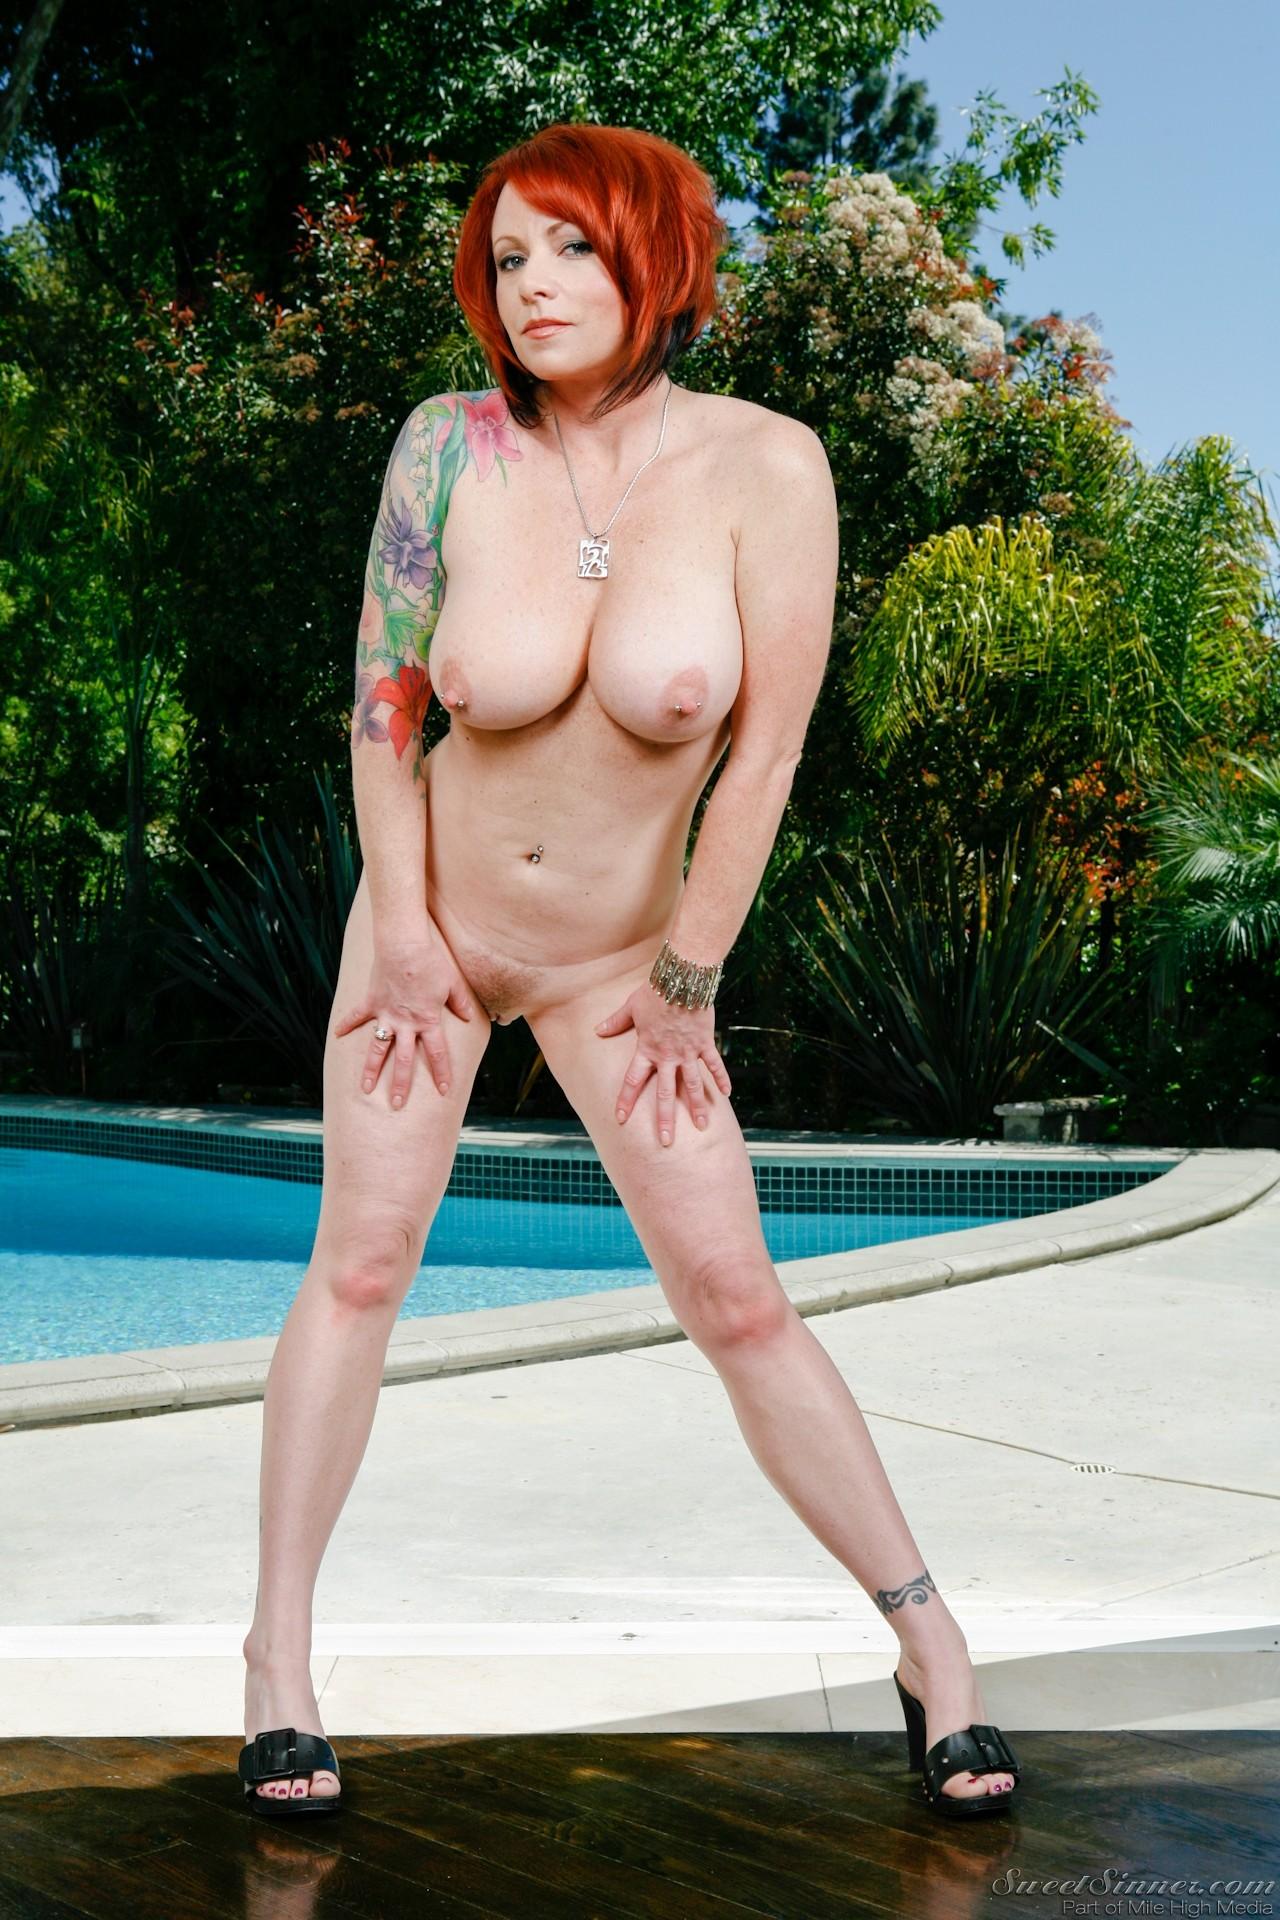 Hot redhead cougar kylie ireland anal threeway - 1 9